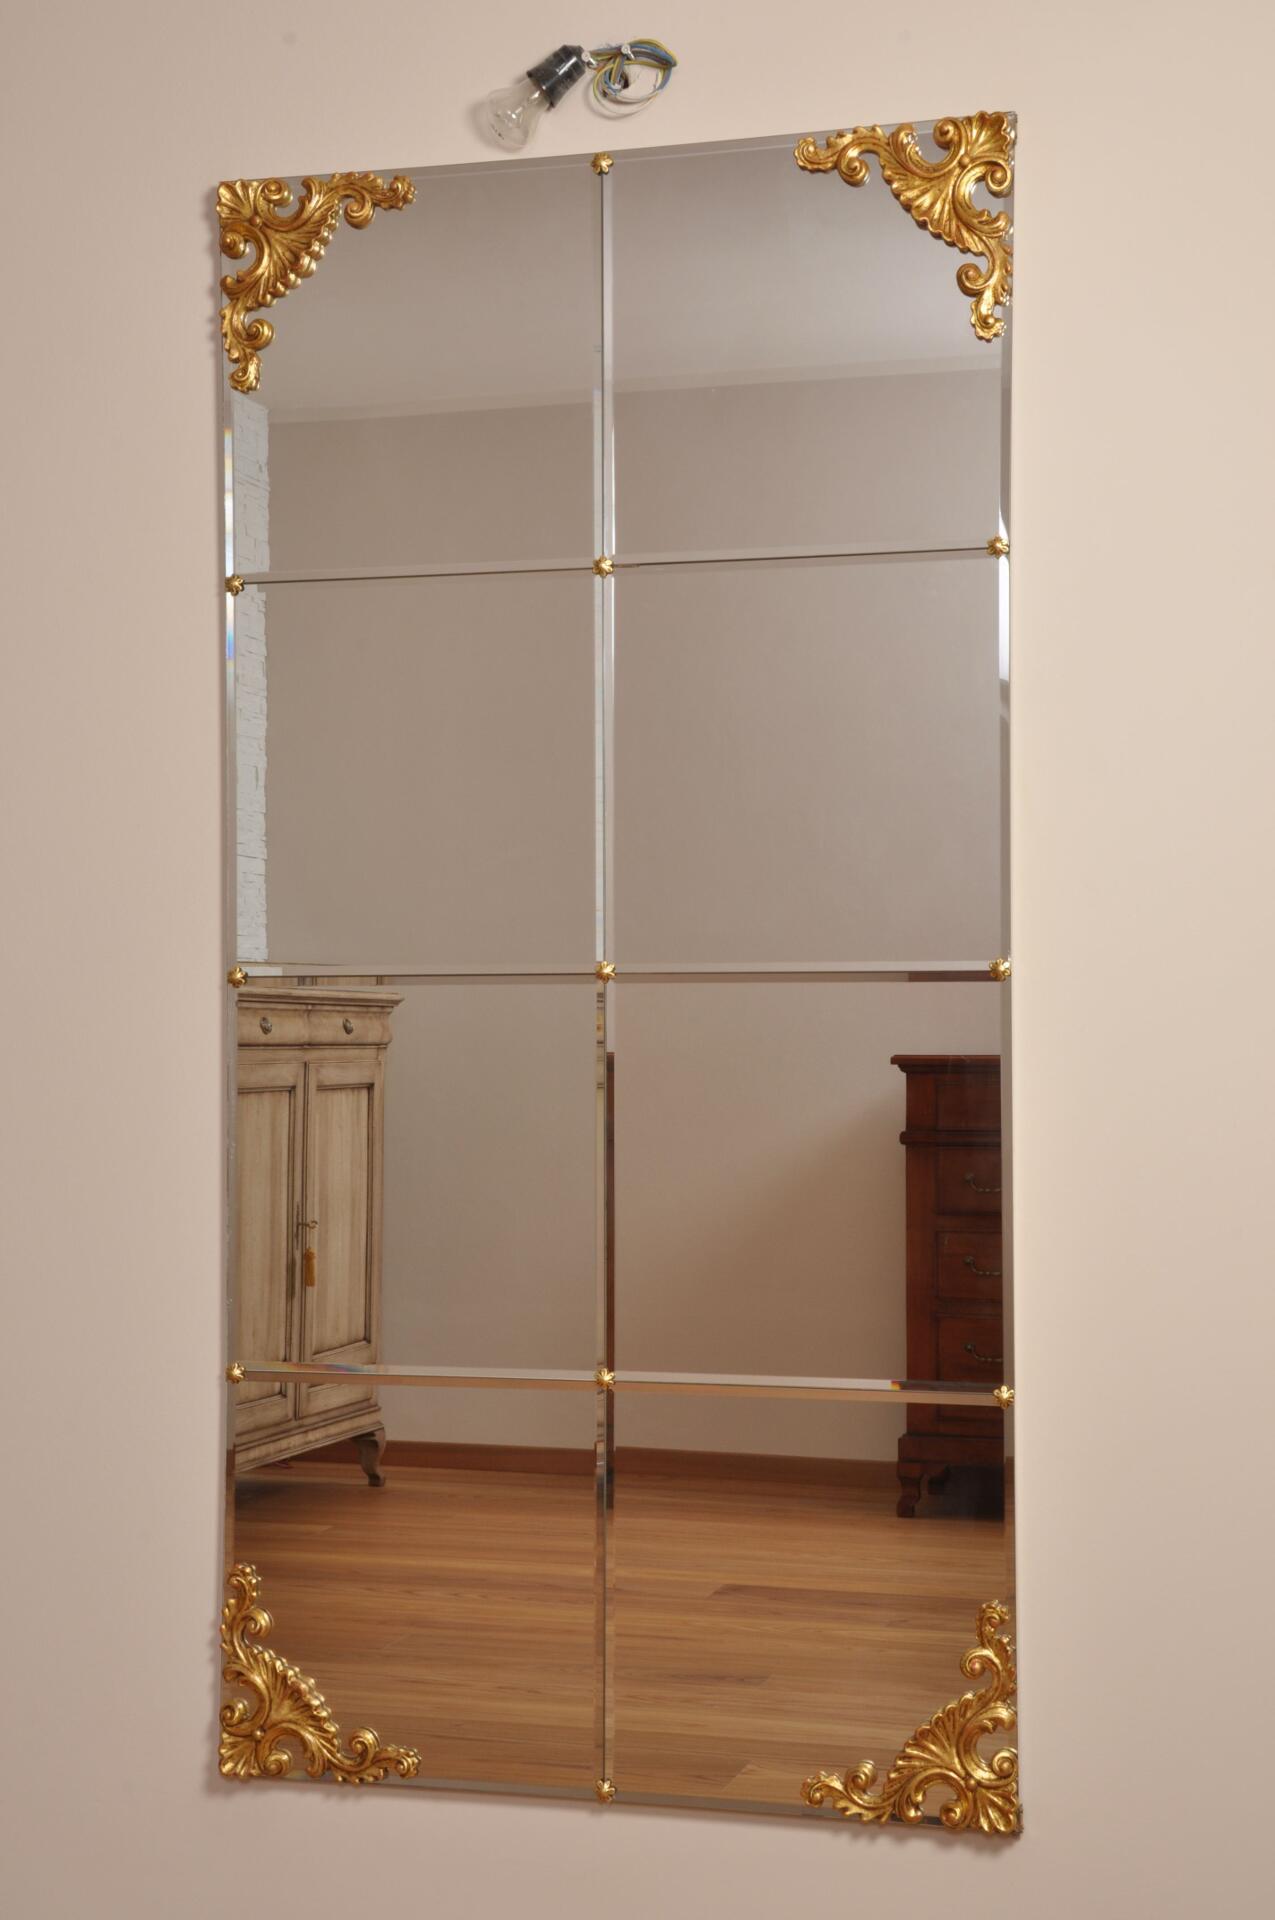 Ricercata specchiera in stile barocco veneziano mobili - Mobili stile barocco veneziano ...